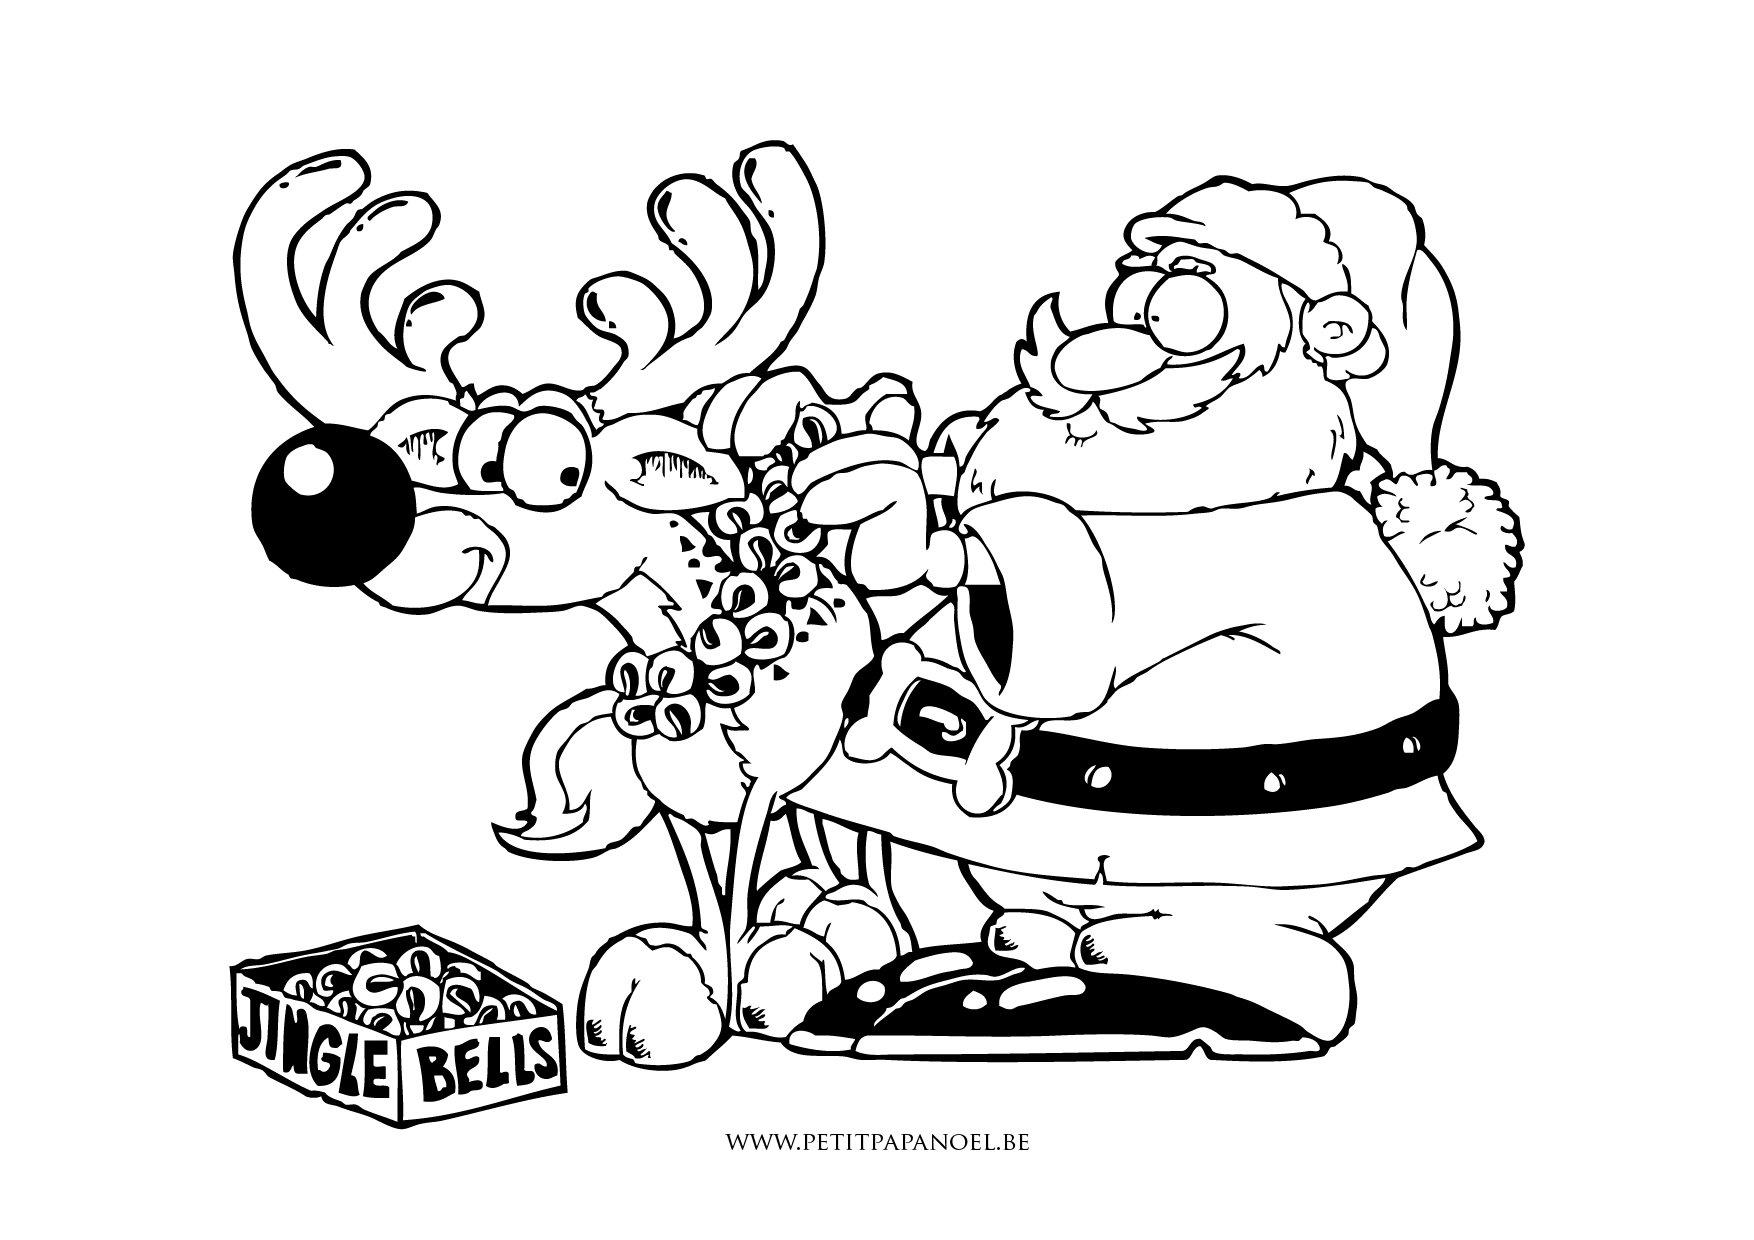 Coloriage De Noel Pour Tout Petit | Imprimer Et Obtenir serapportantà Dessin De Noel A Imprimer Gratuit